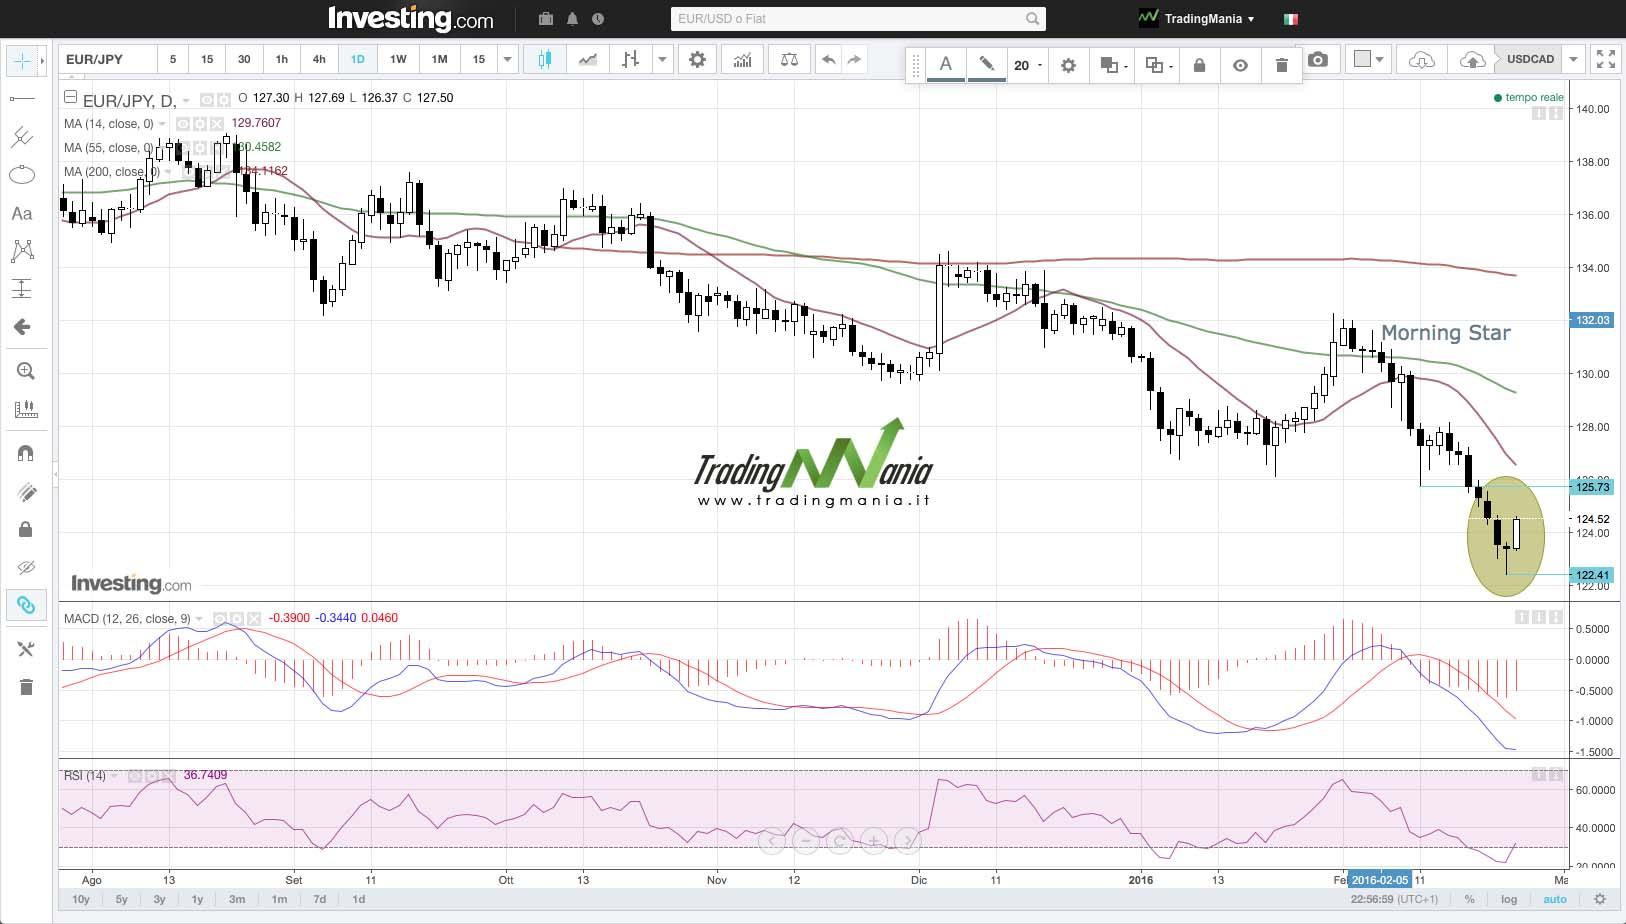 Strategia di trading su EURJPY